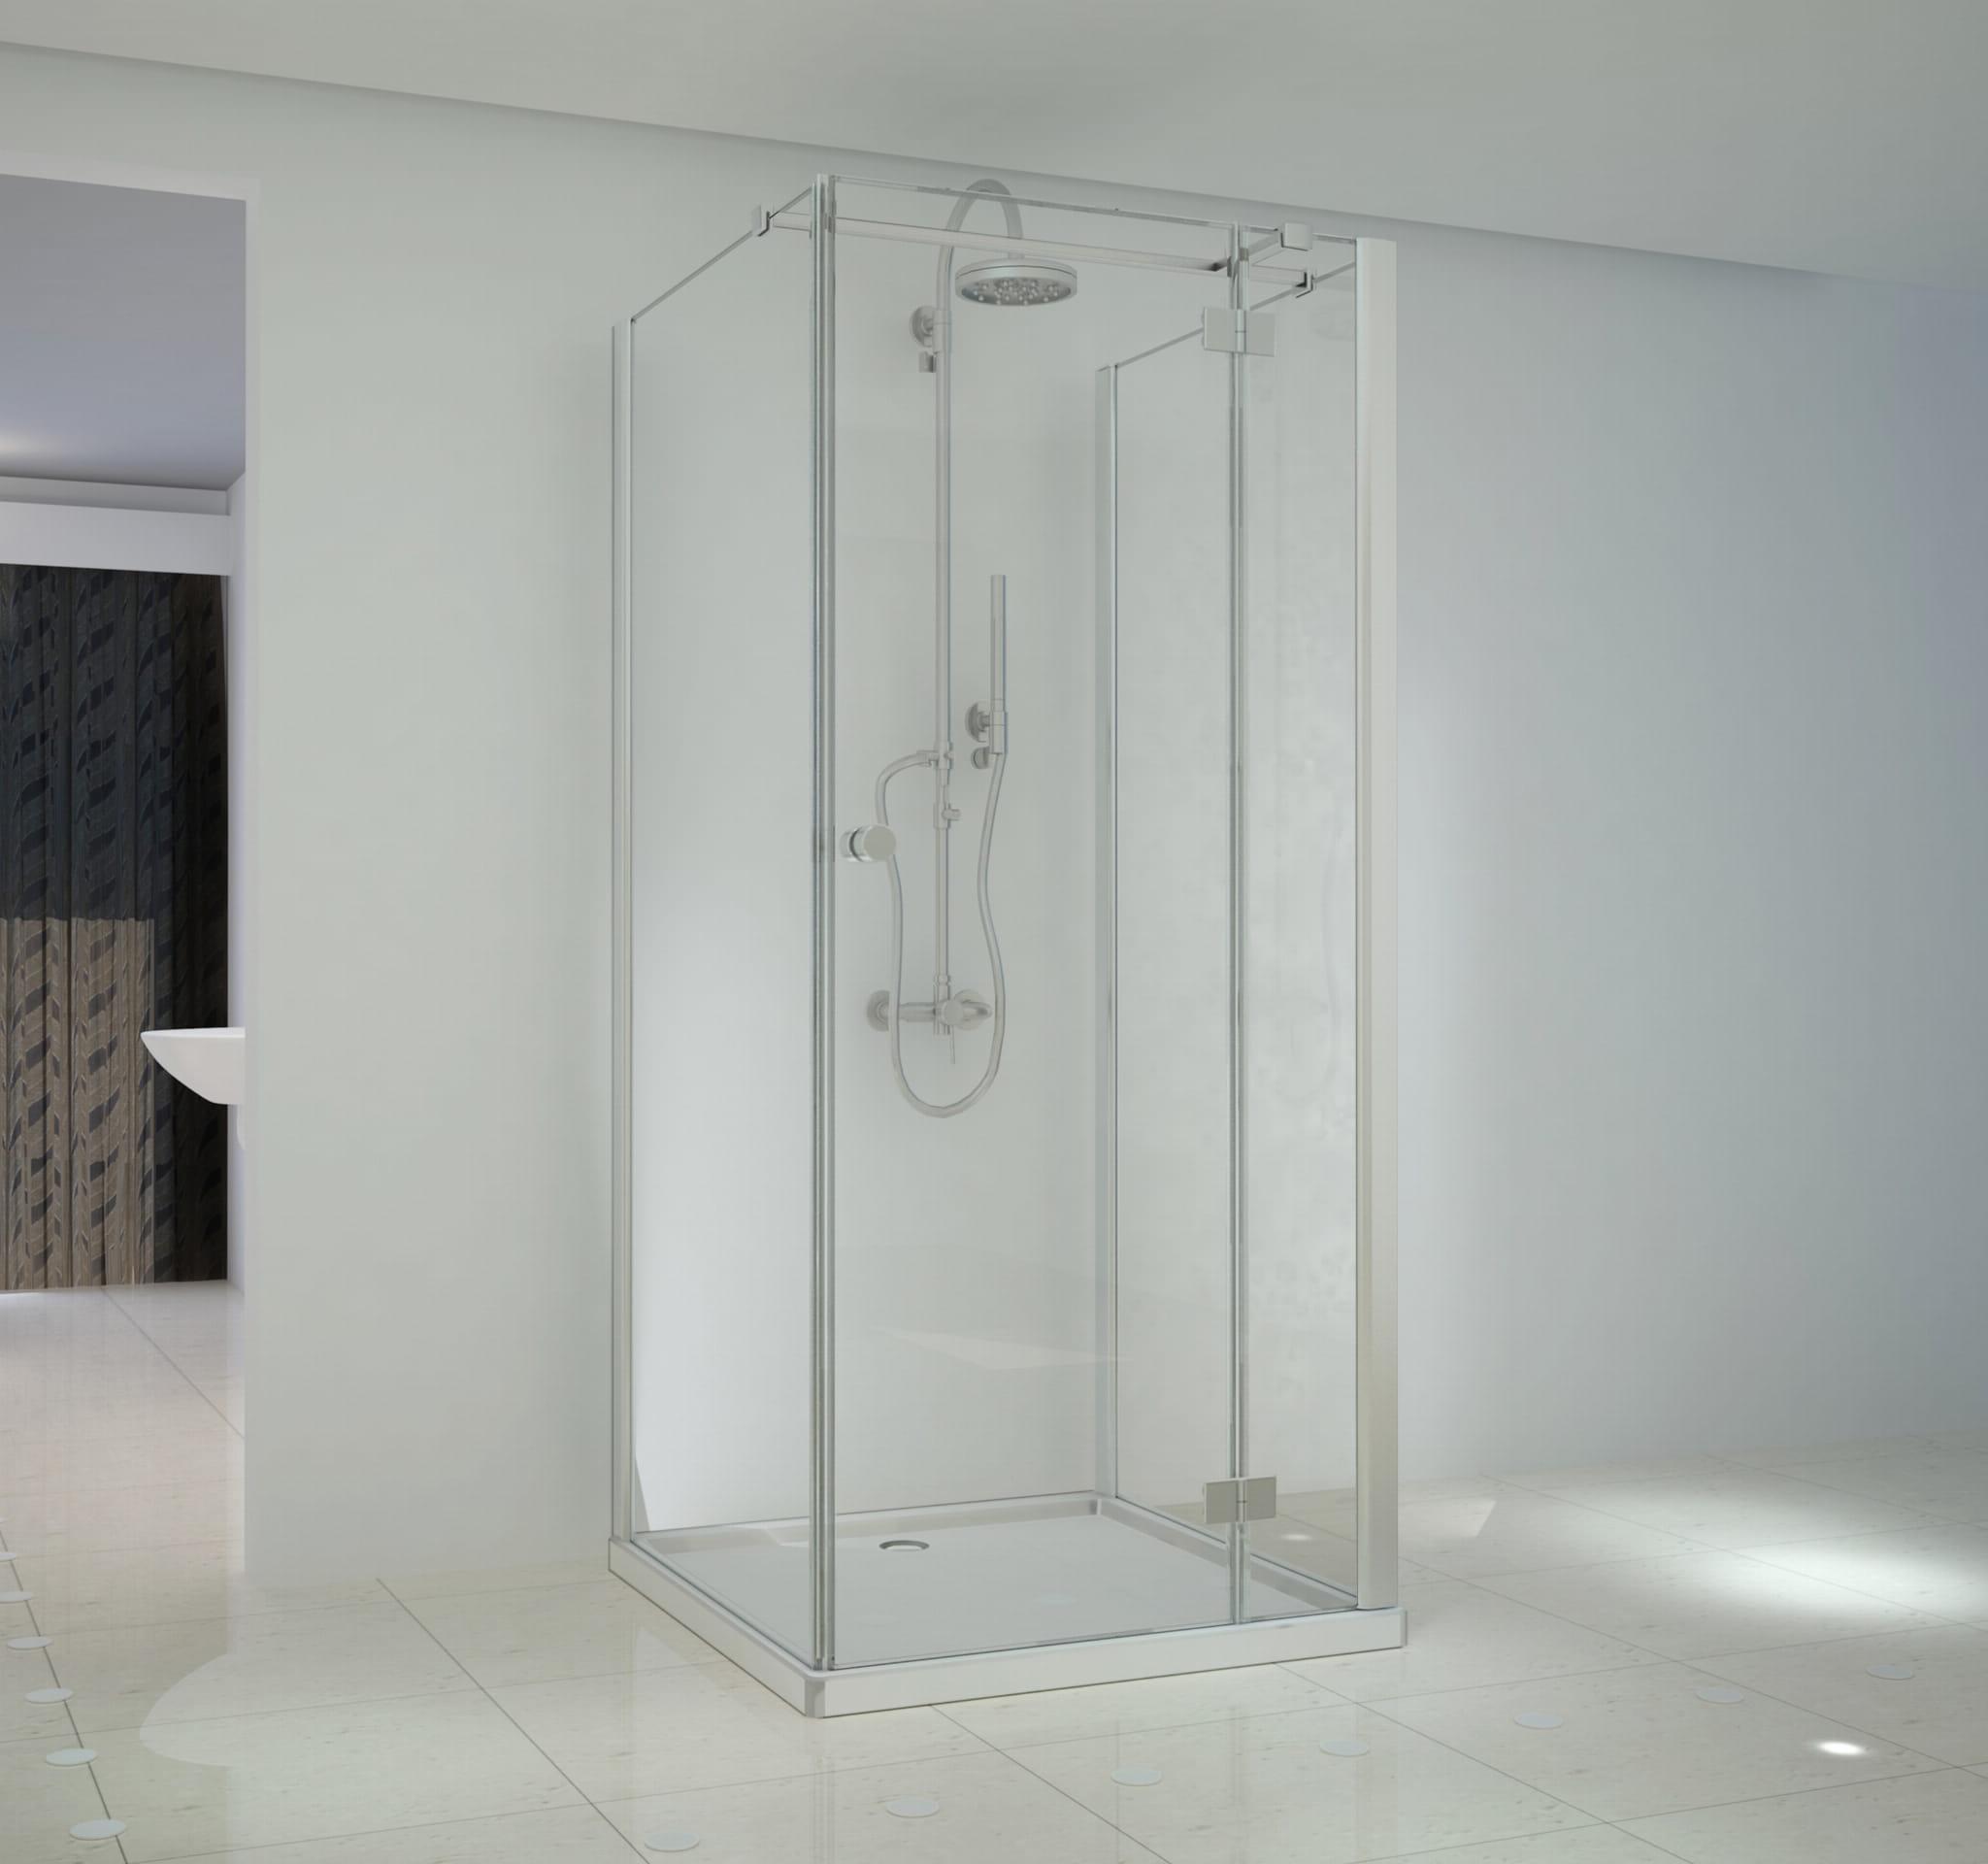 Sanotechnik - SMARTFLEX - Nástenný obdĺžnikový sprchový kút, pravý 90 x 80 x 195 cm pravý